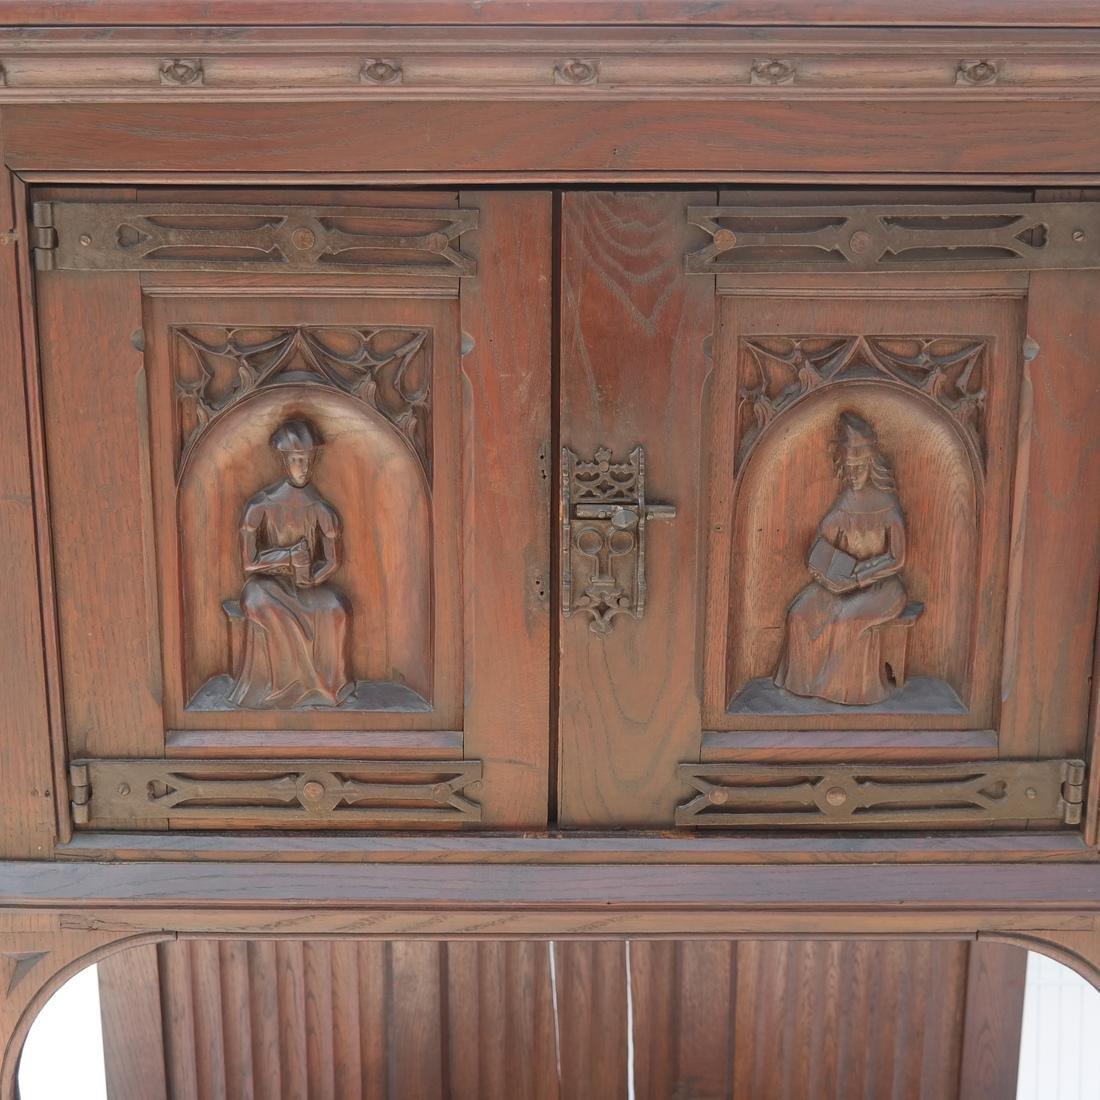 Tudor-Style Two-Door Cabinet - 2